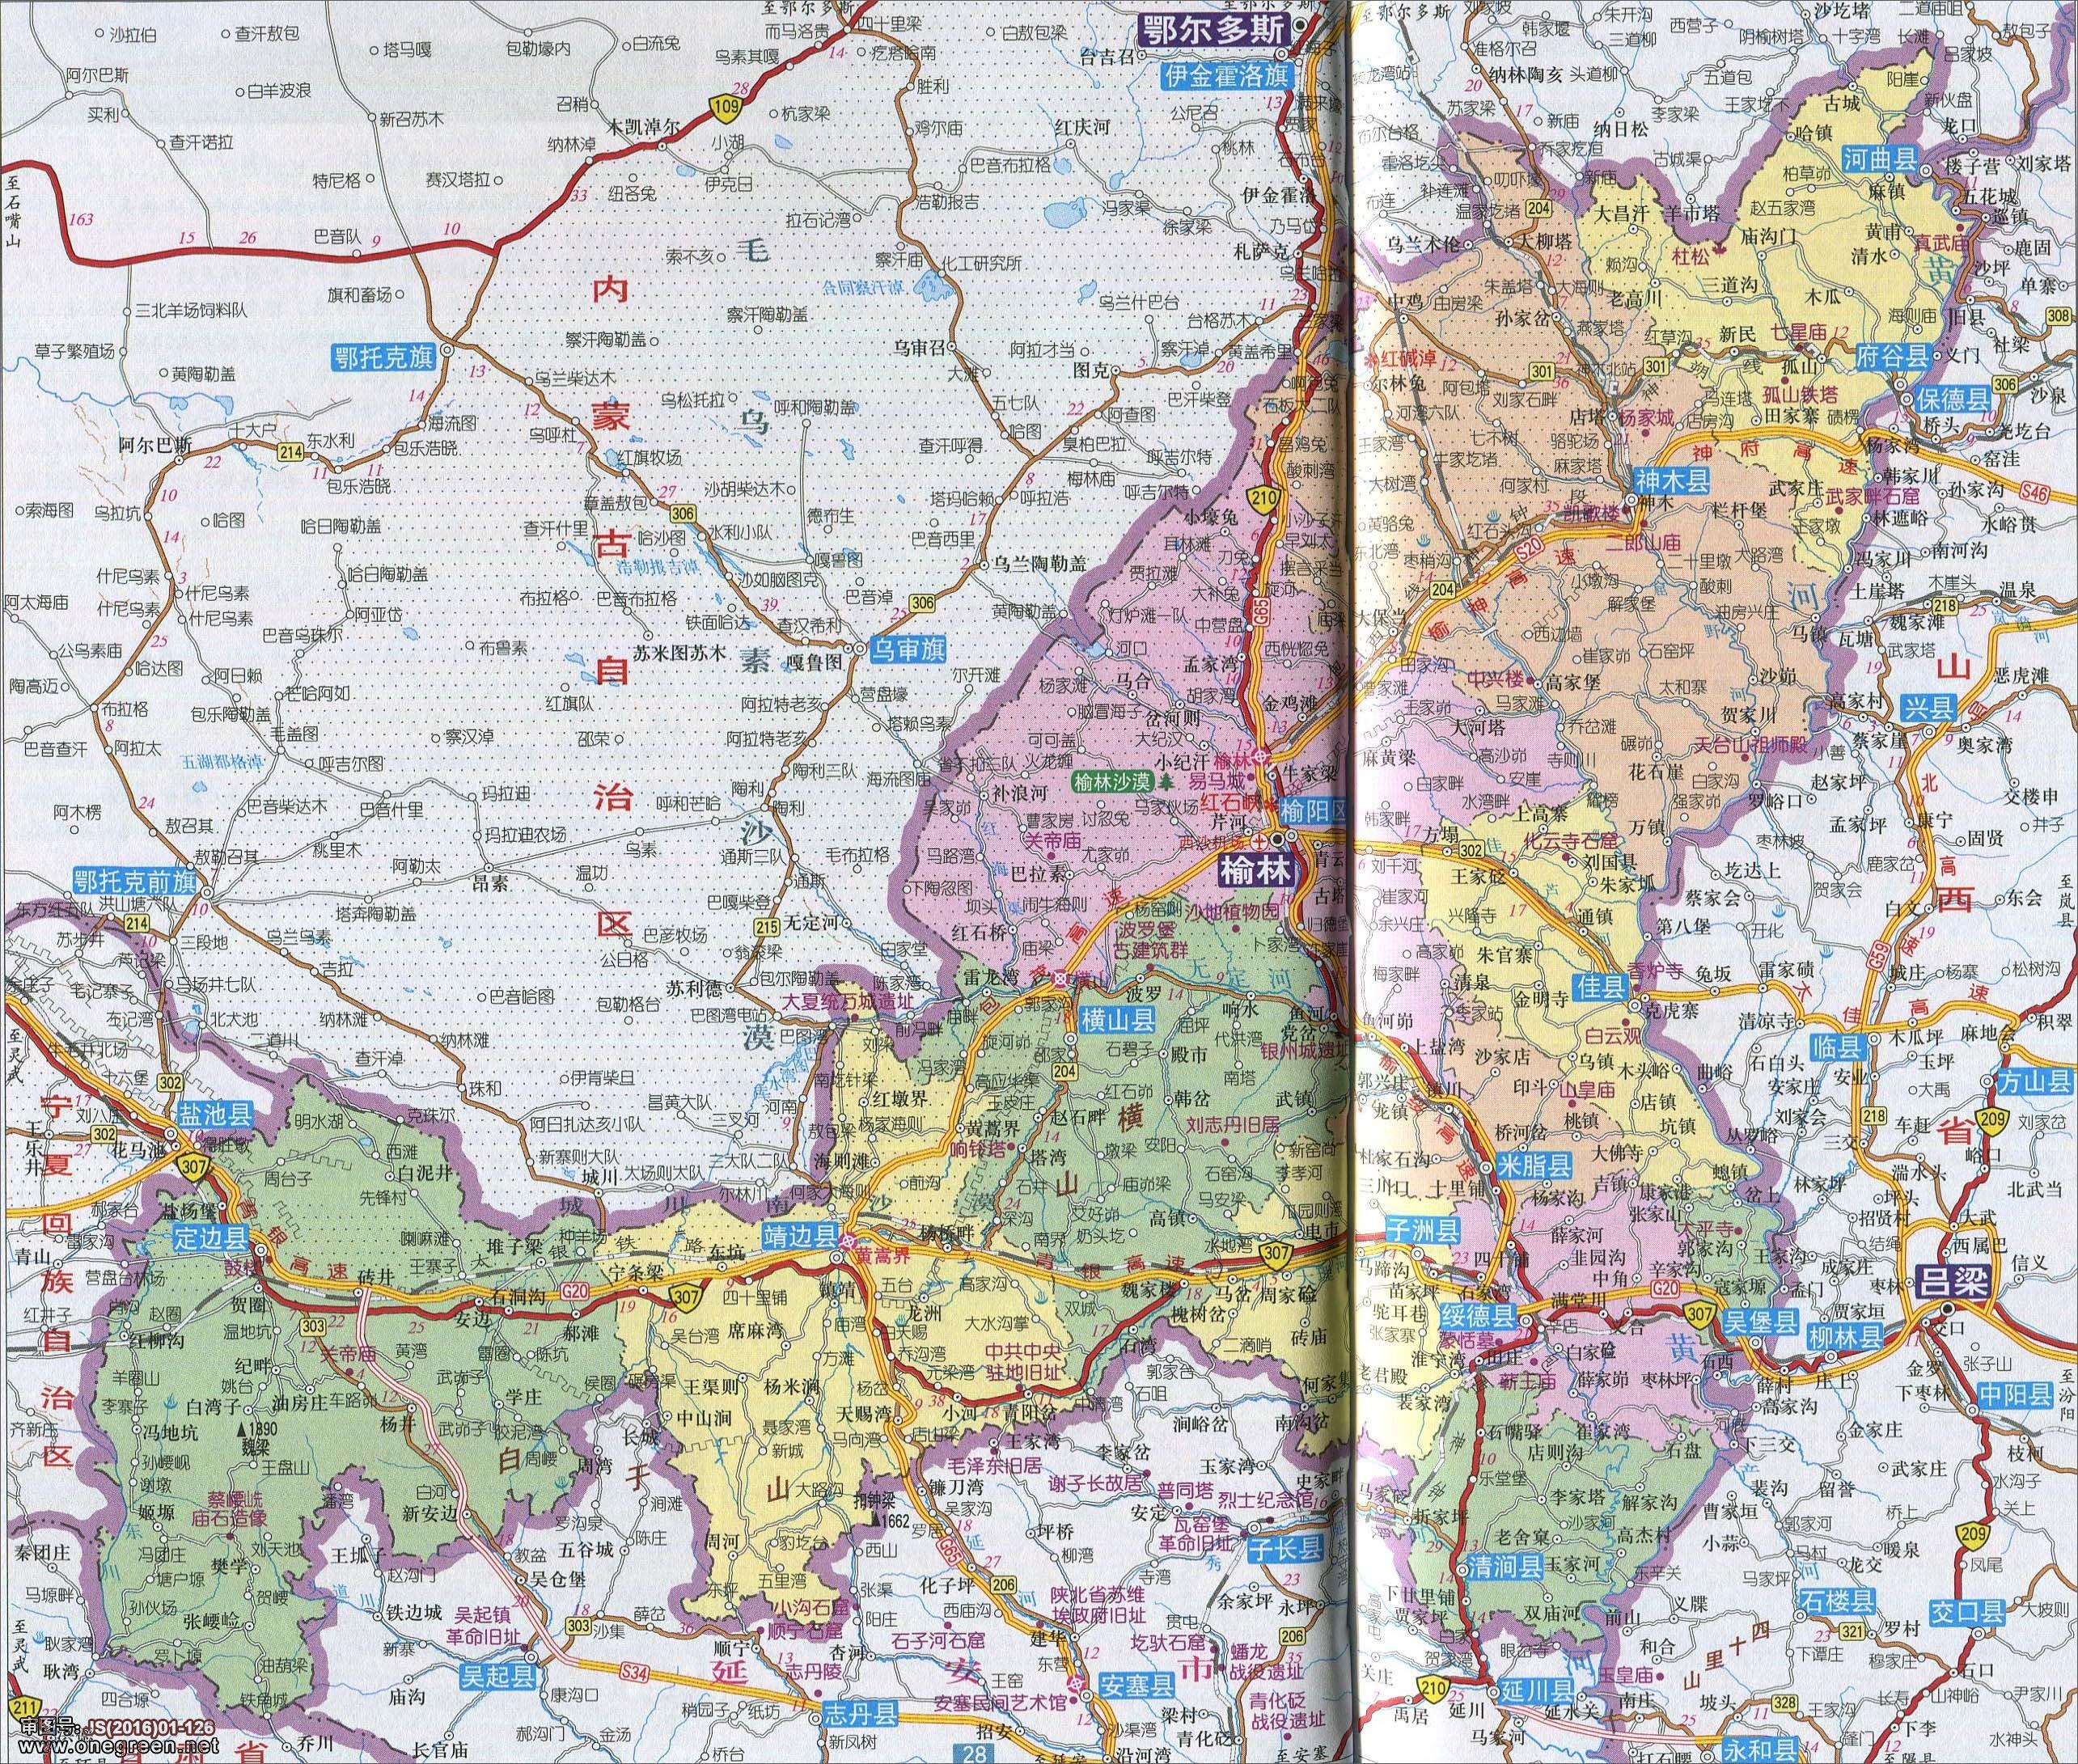 榆林市地图高清版